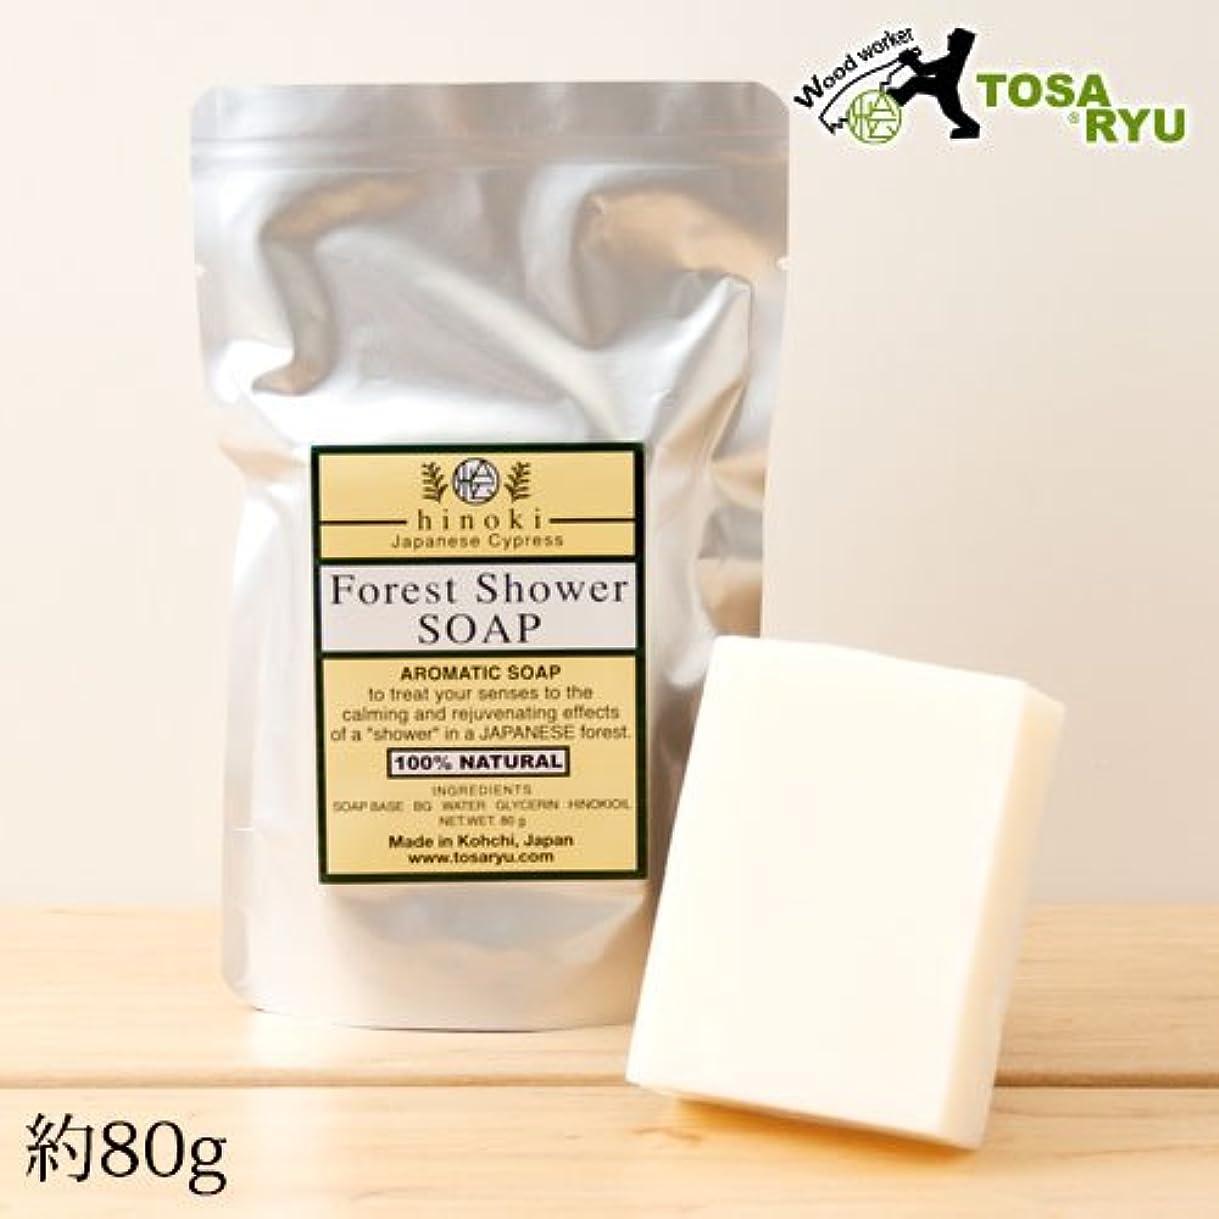 ホイストゆり漏斗Tosaryu, FOREST SHOWER SOAP, Aroma soap scent of cypress, Kochi craft